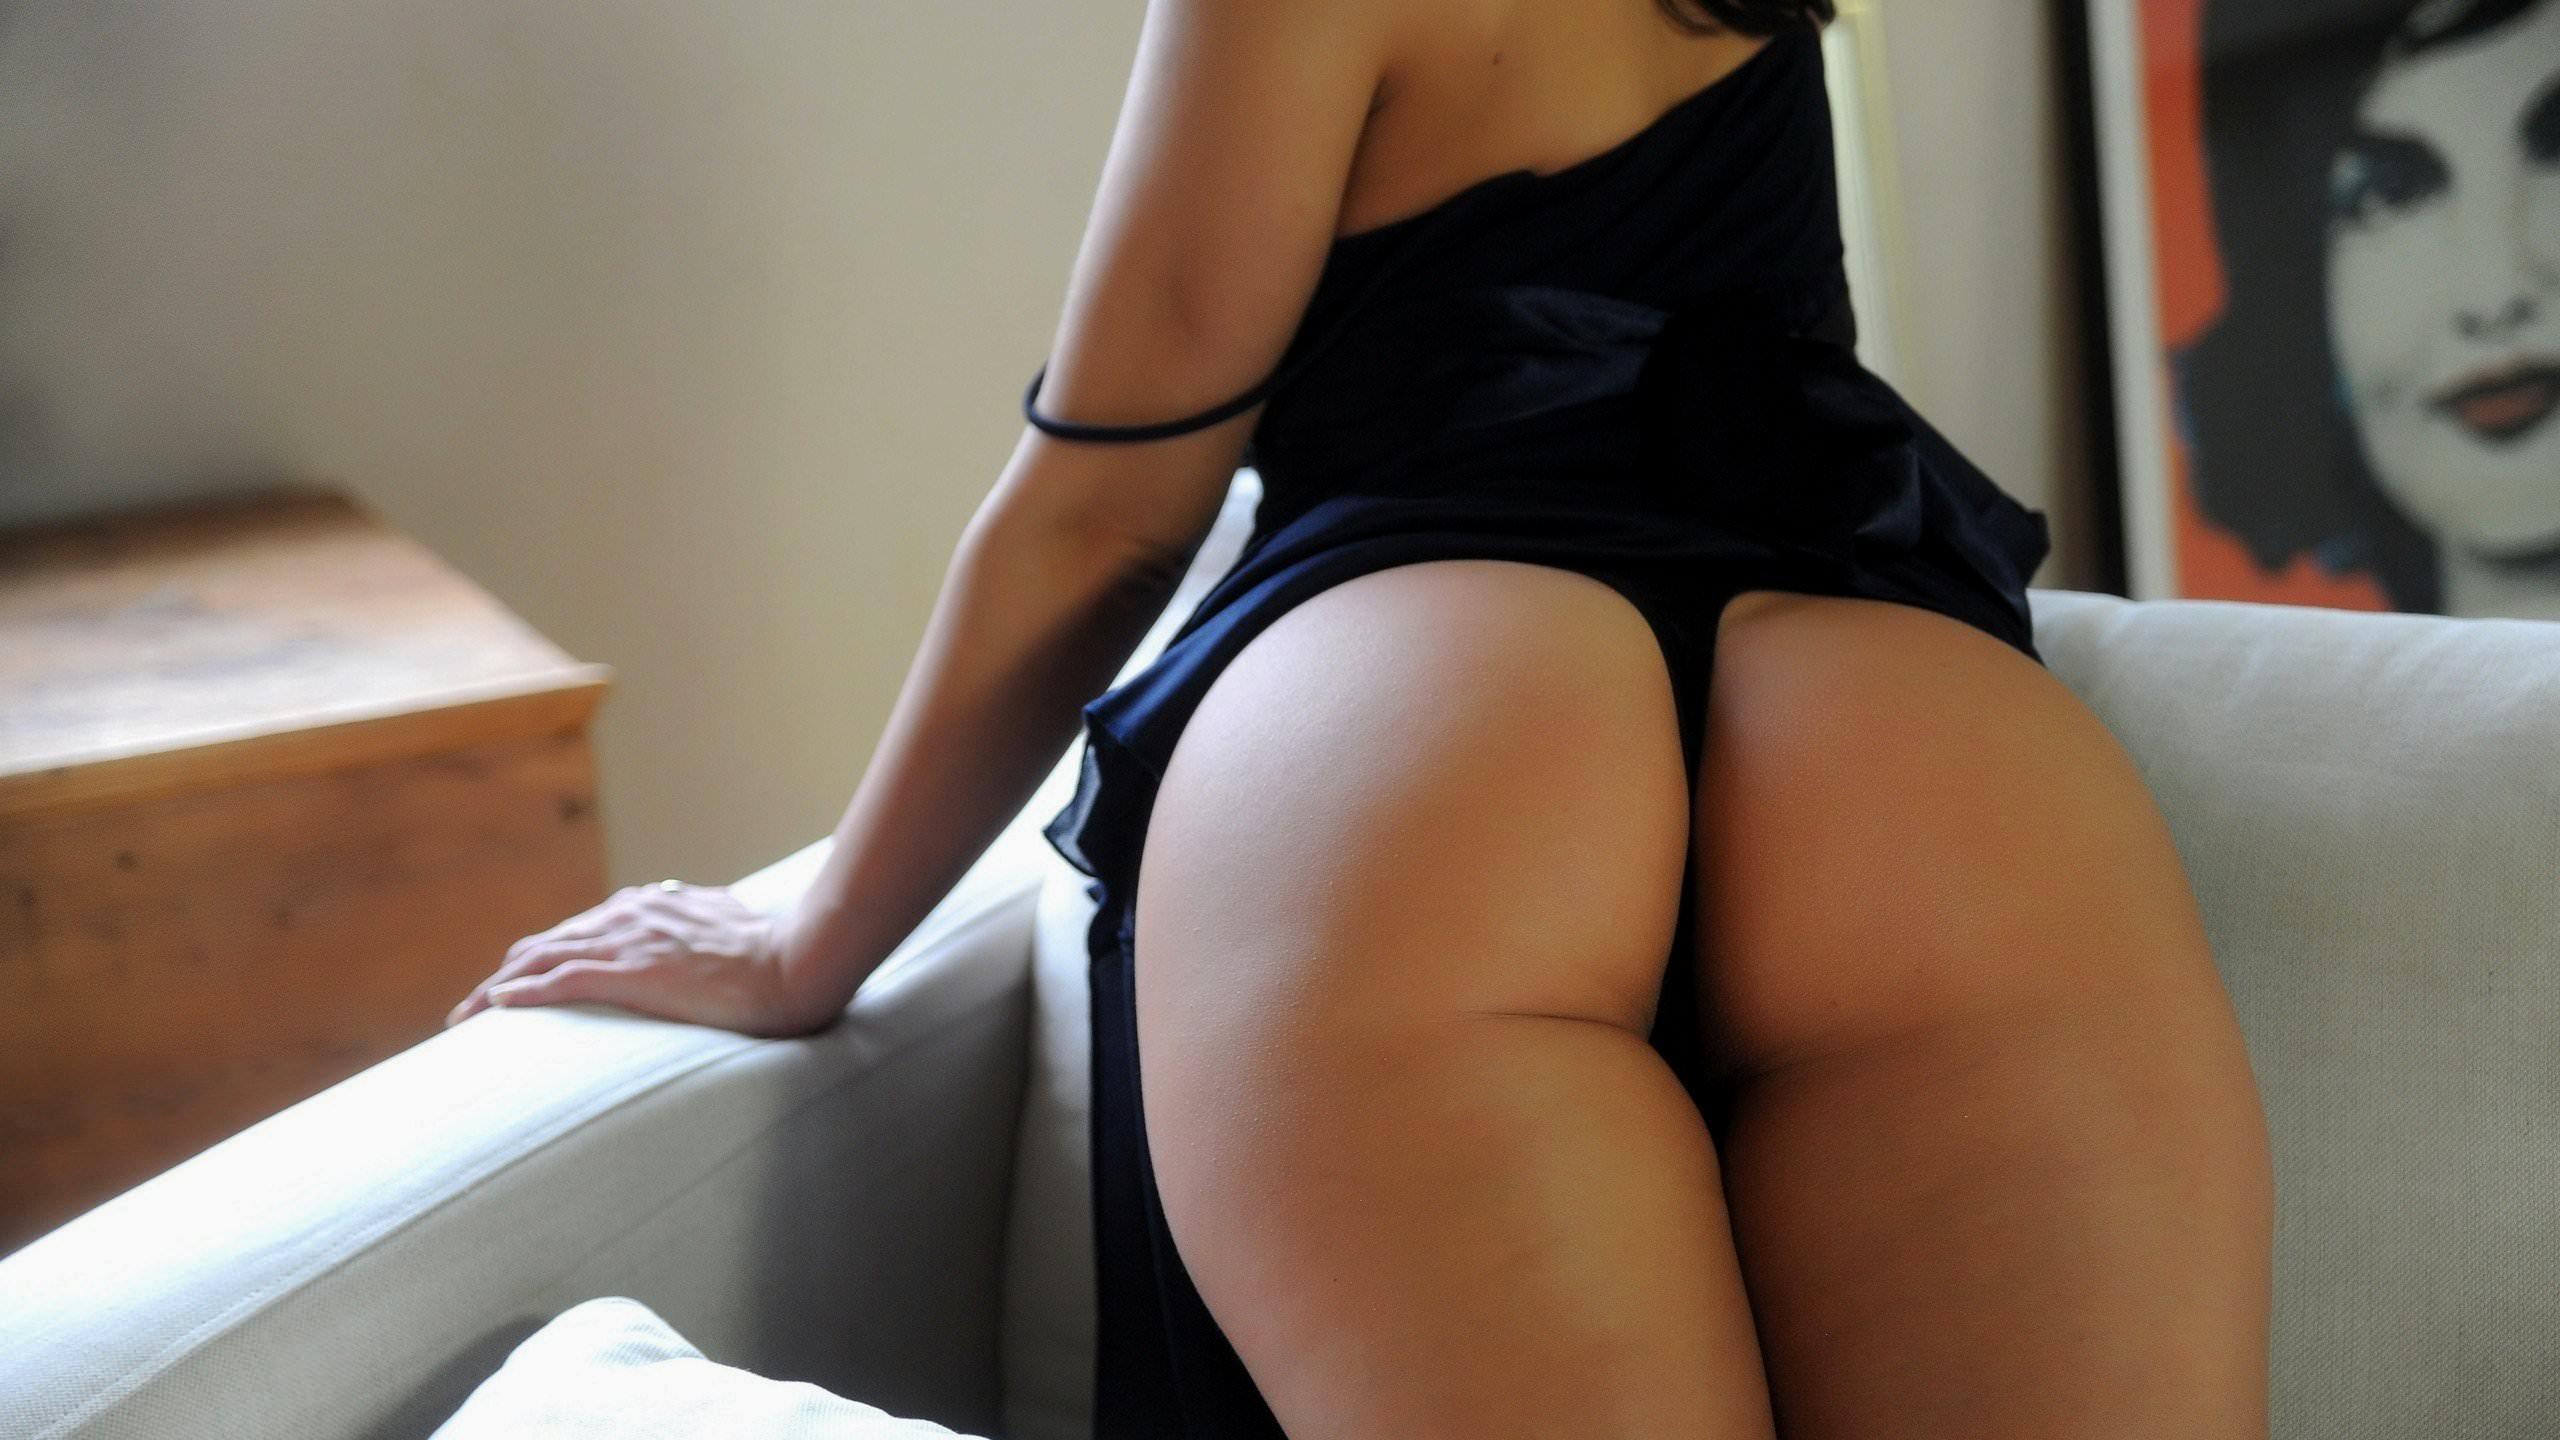 Вид девушки сзади голой на черном фоне — pic 4